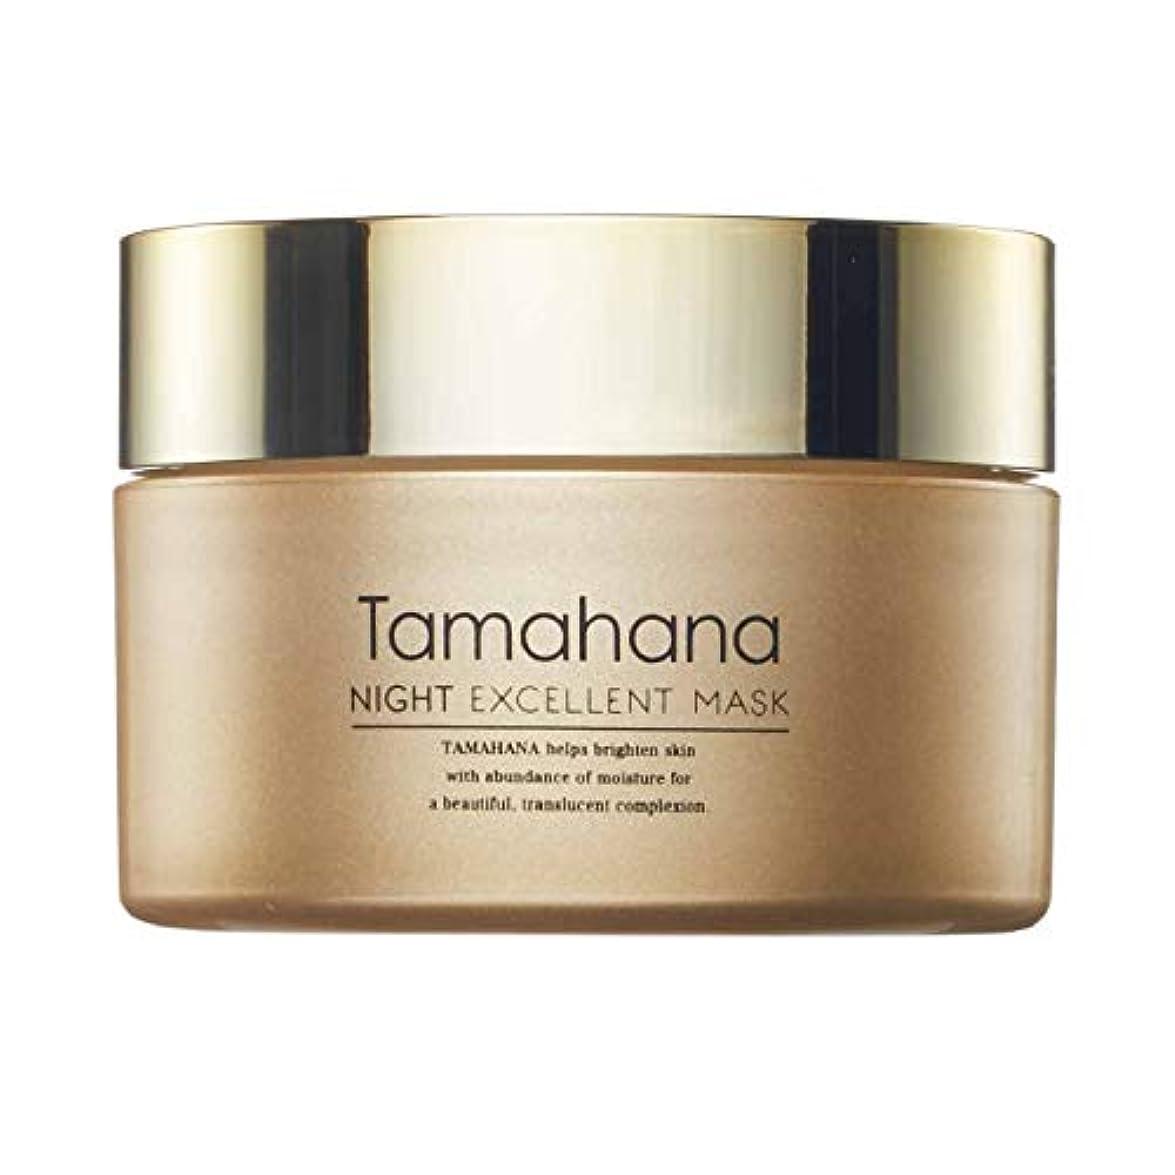 規制する岸リストTamahana(タマハナ) ナイト エクセレントマスク